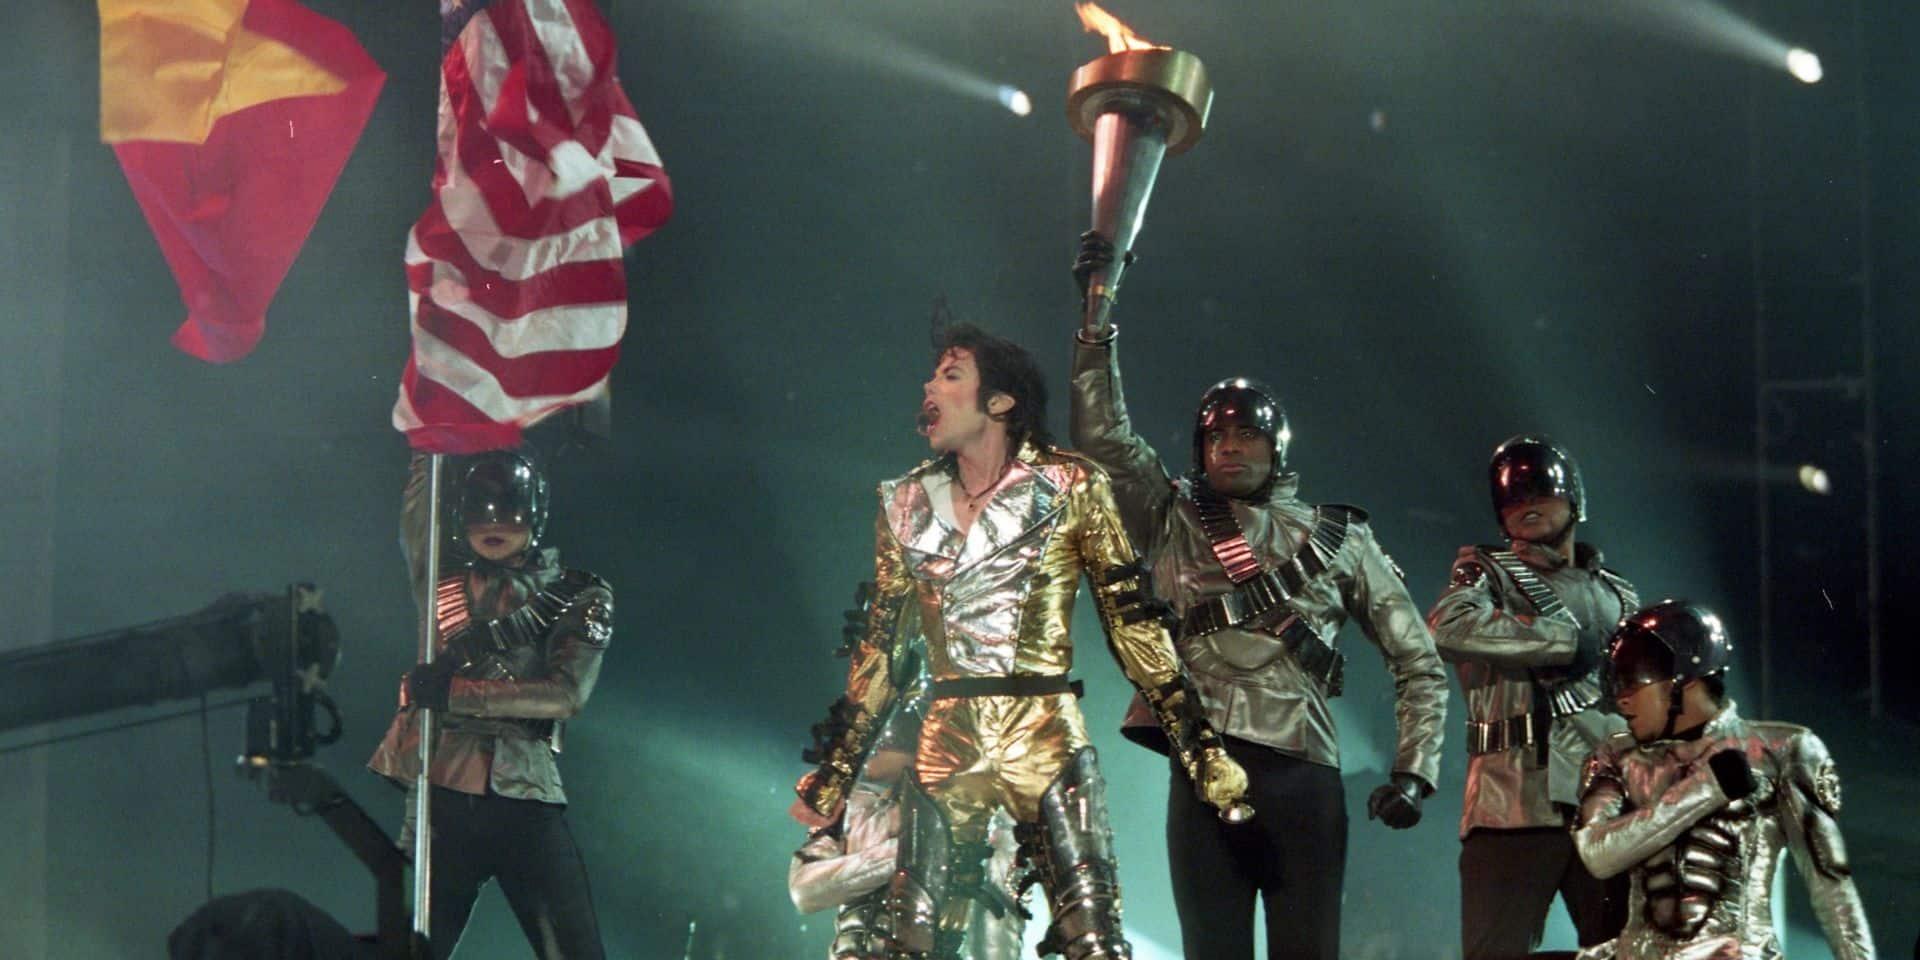 Chine: des fans érigent des statues de Michael Jackson un peu partout dans le pays